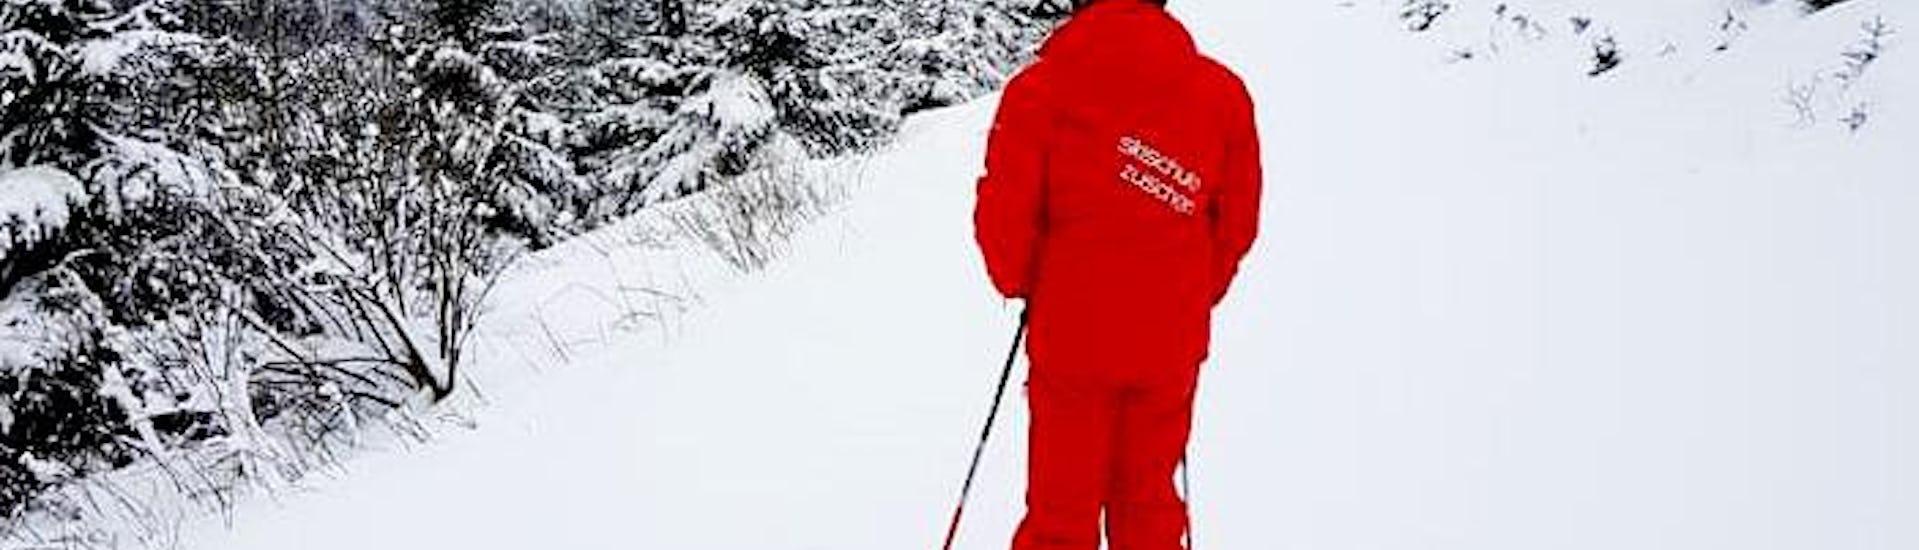 Ein Skilehrer der DSV Skischule Züschen fährt im Rahmen des Angebots Privater Skikurs für Erwachsene - Alle Leves voraus.